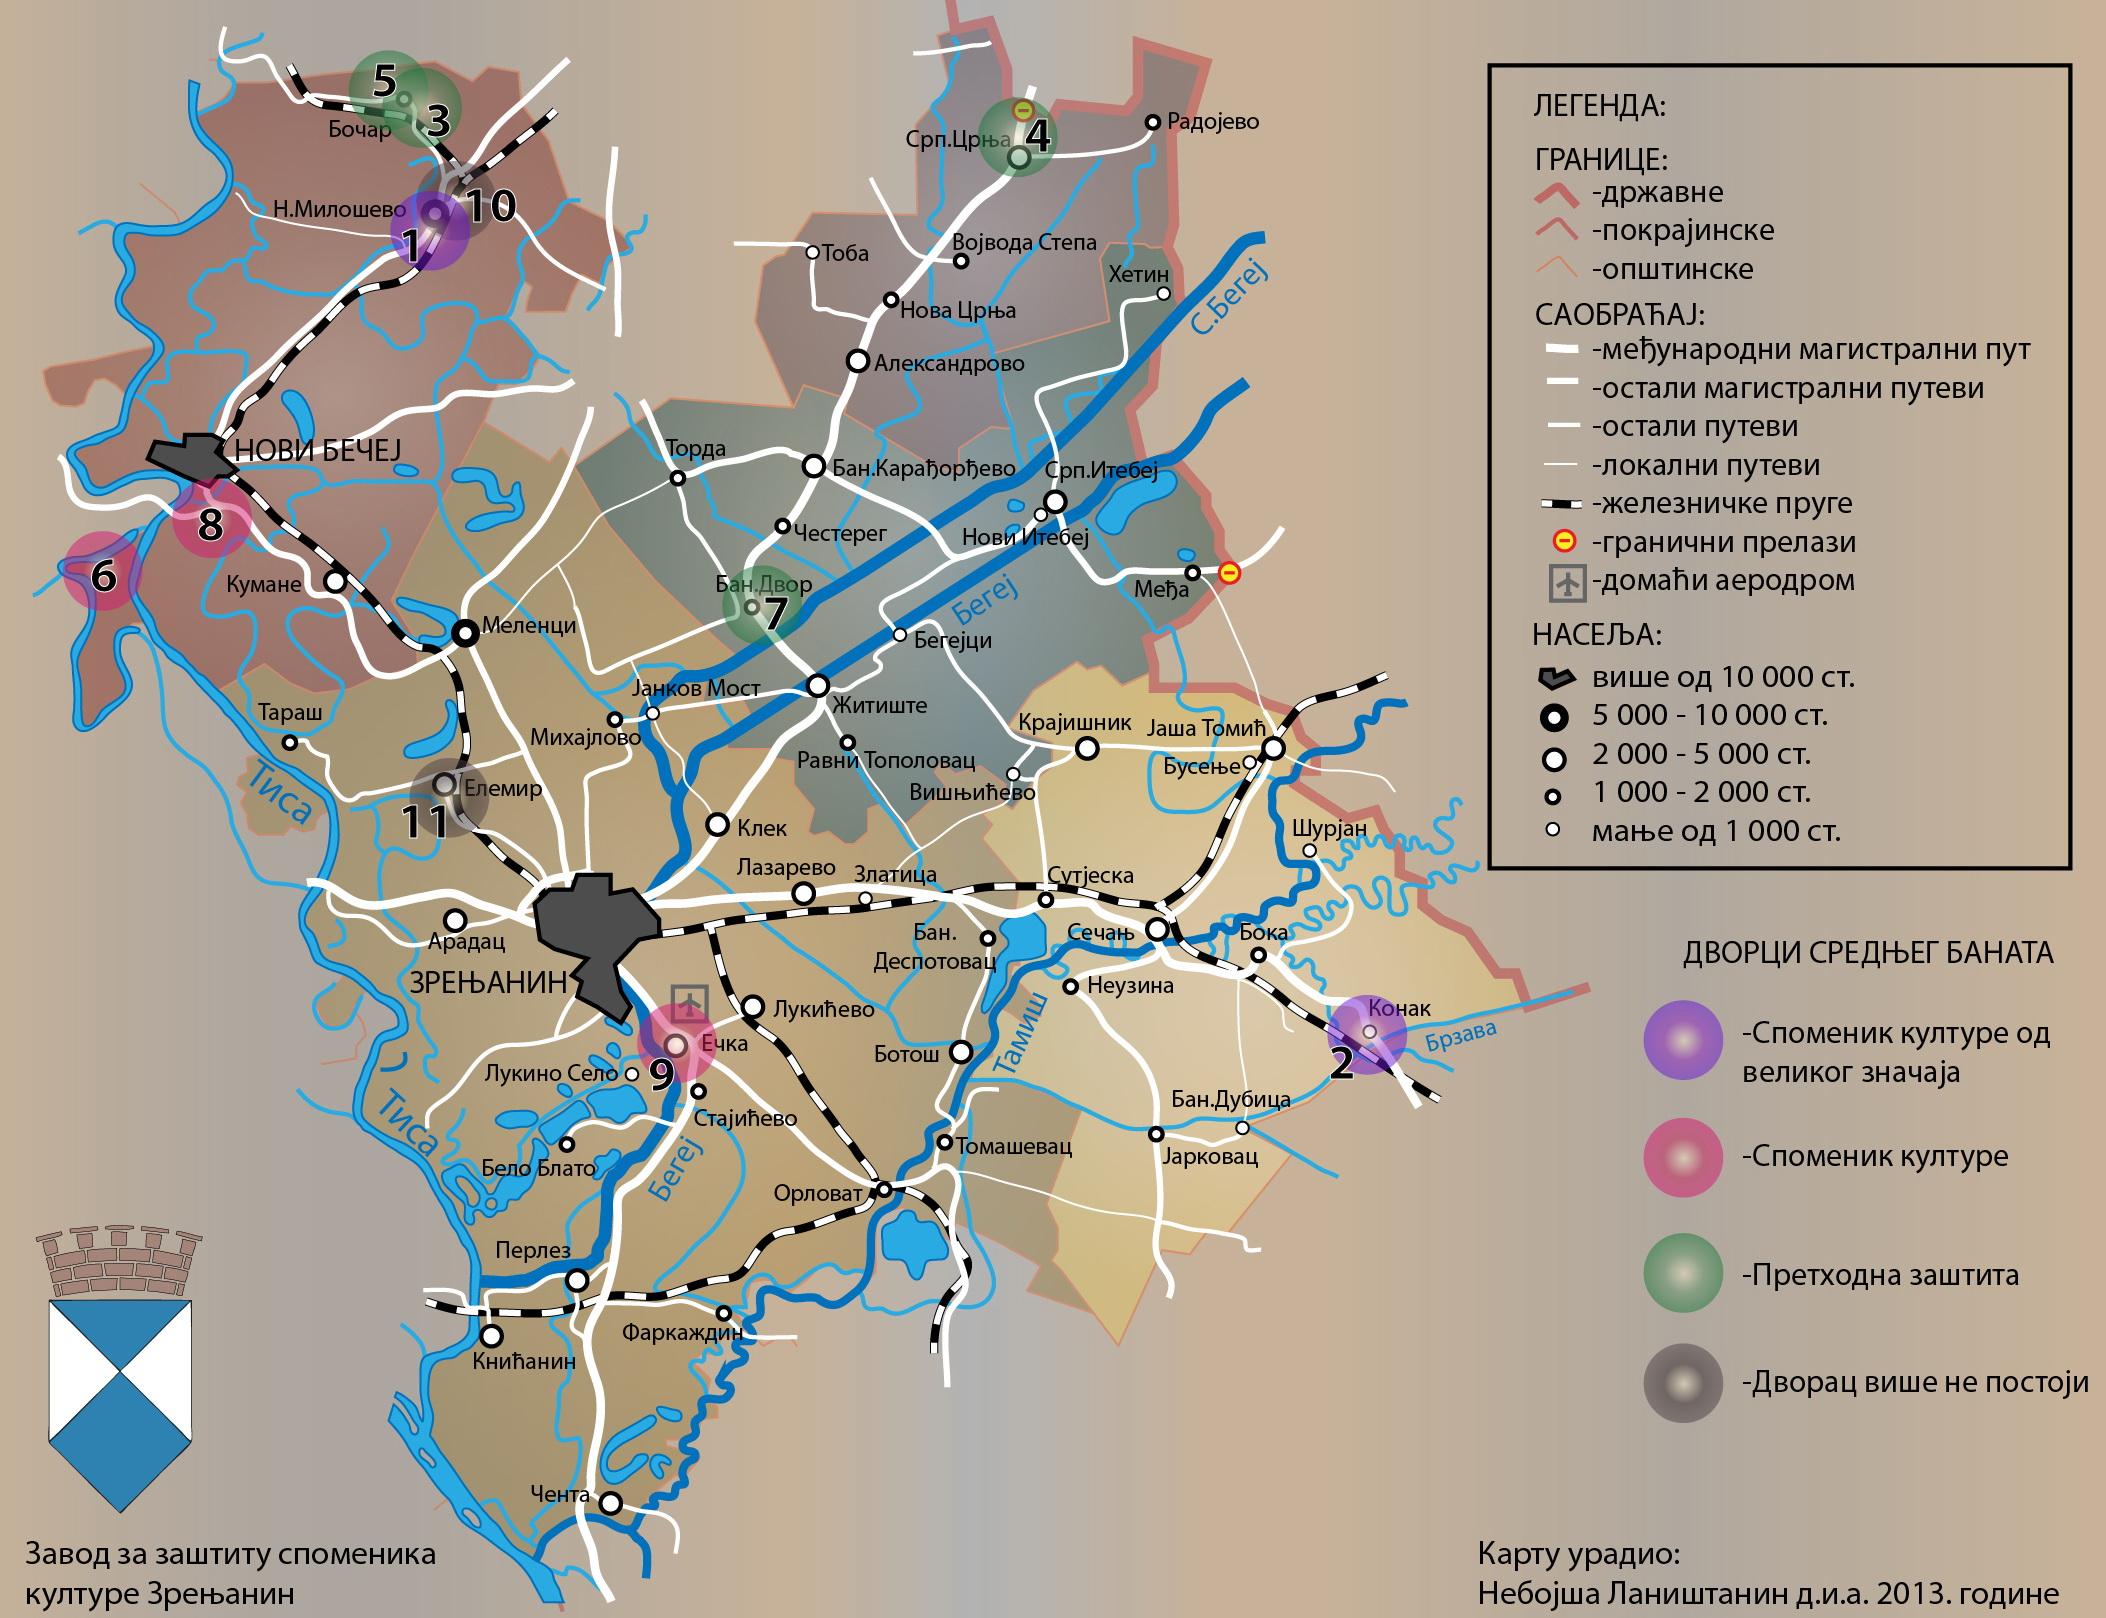 dvorci vojvodine mapa Dvorci na teritoriji srednjeg Banata   Zavod za zaštitu spomenika  dvorci vojvodine mapa